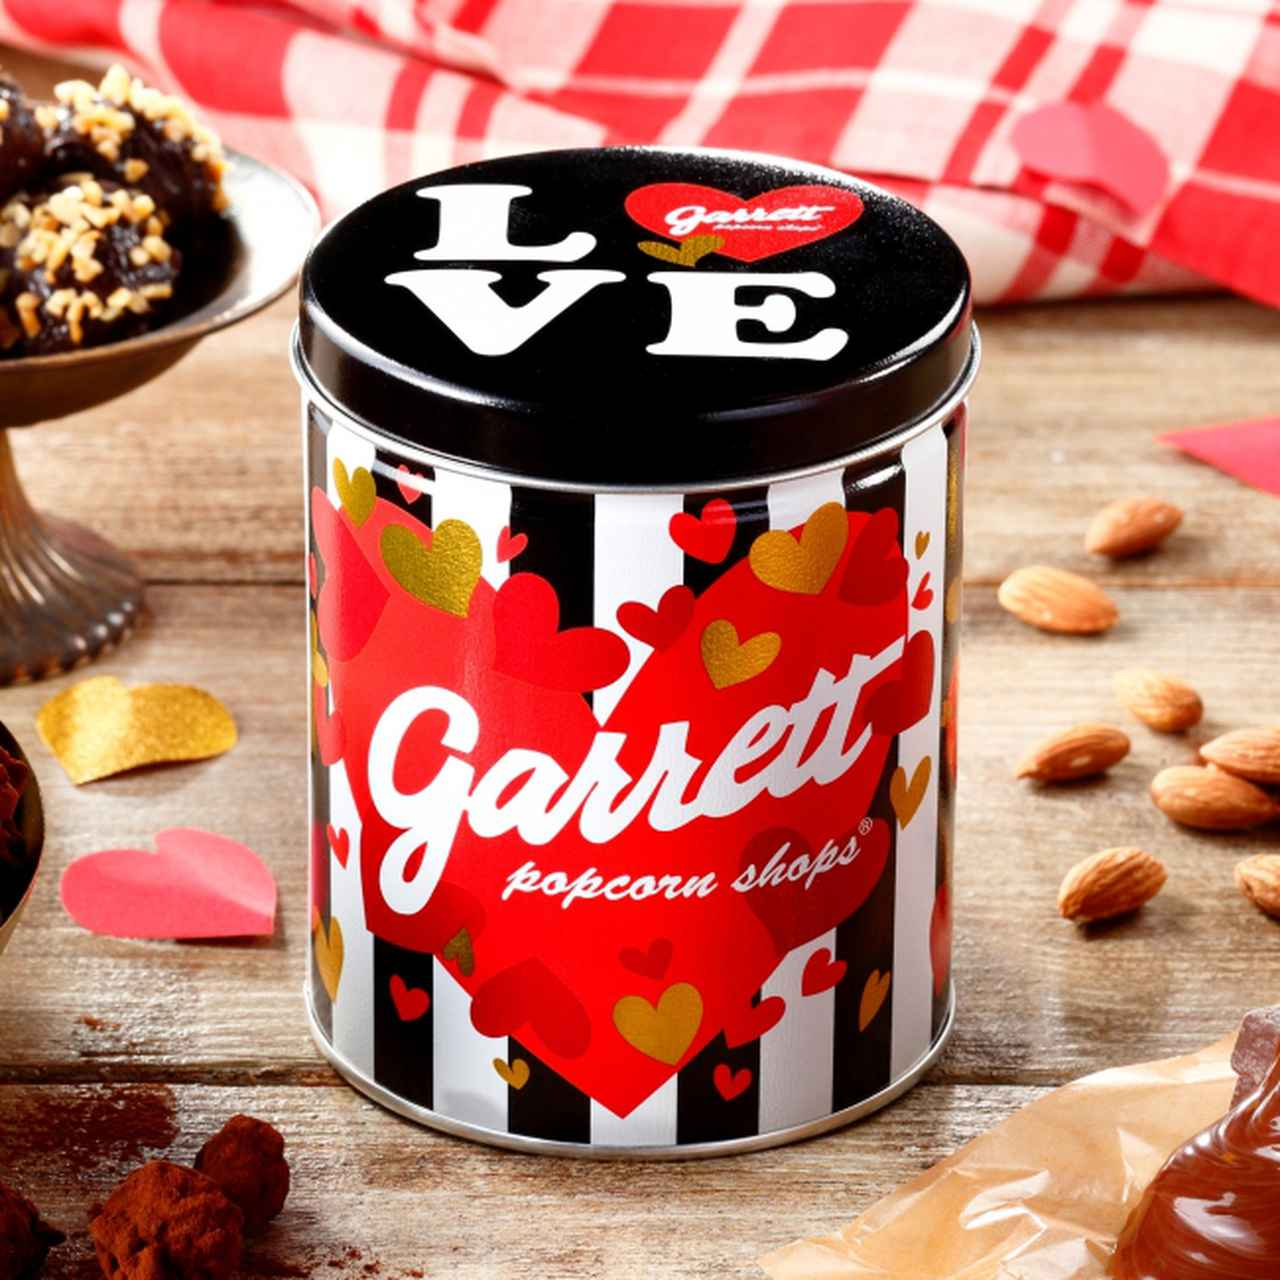 画像2: 濃厚リッチな味わいのレシピと、ハート溢れるデザイン缶3種のバレンタインシリーズ!『アーモンド チョコレートトリュフ』&『Garrett バレンタイン缶』&『バレンタインMIX』